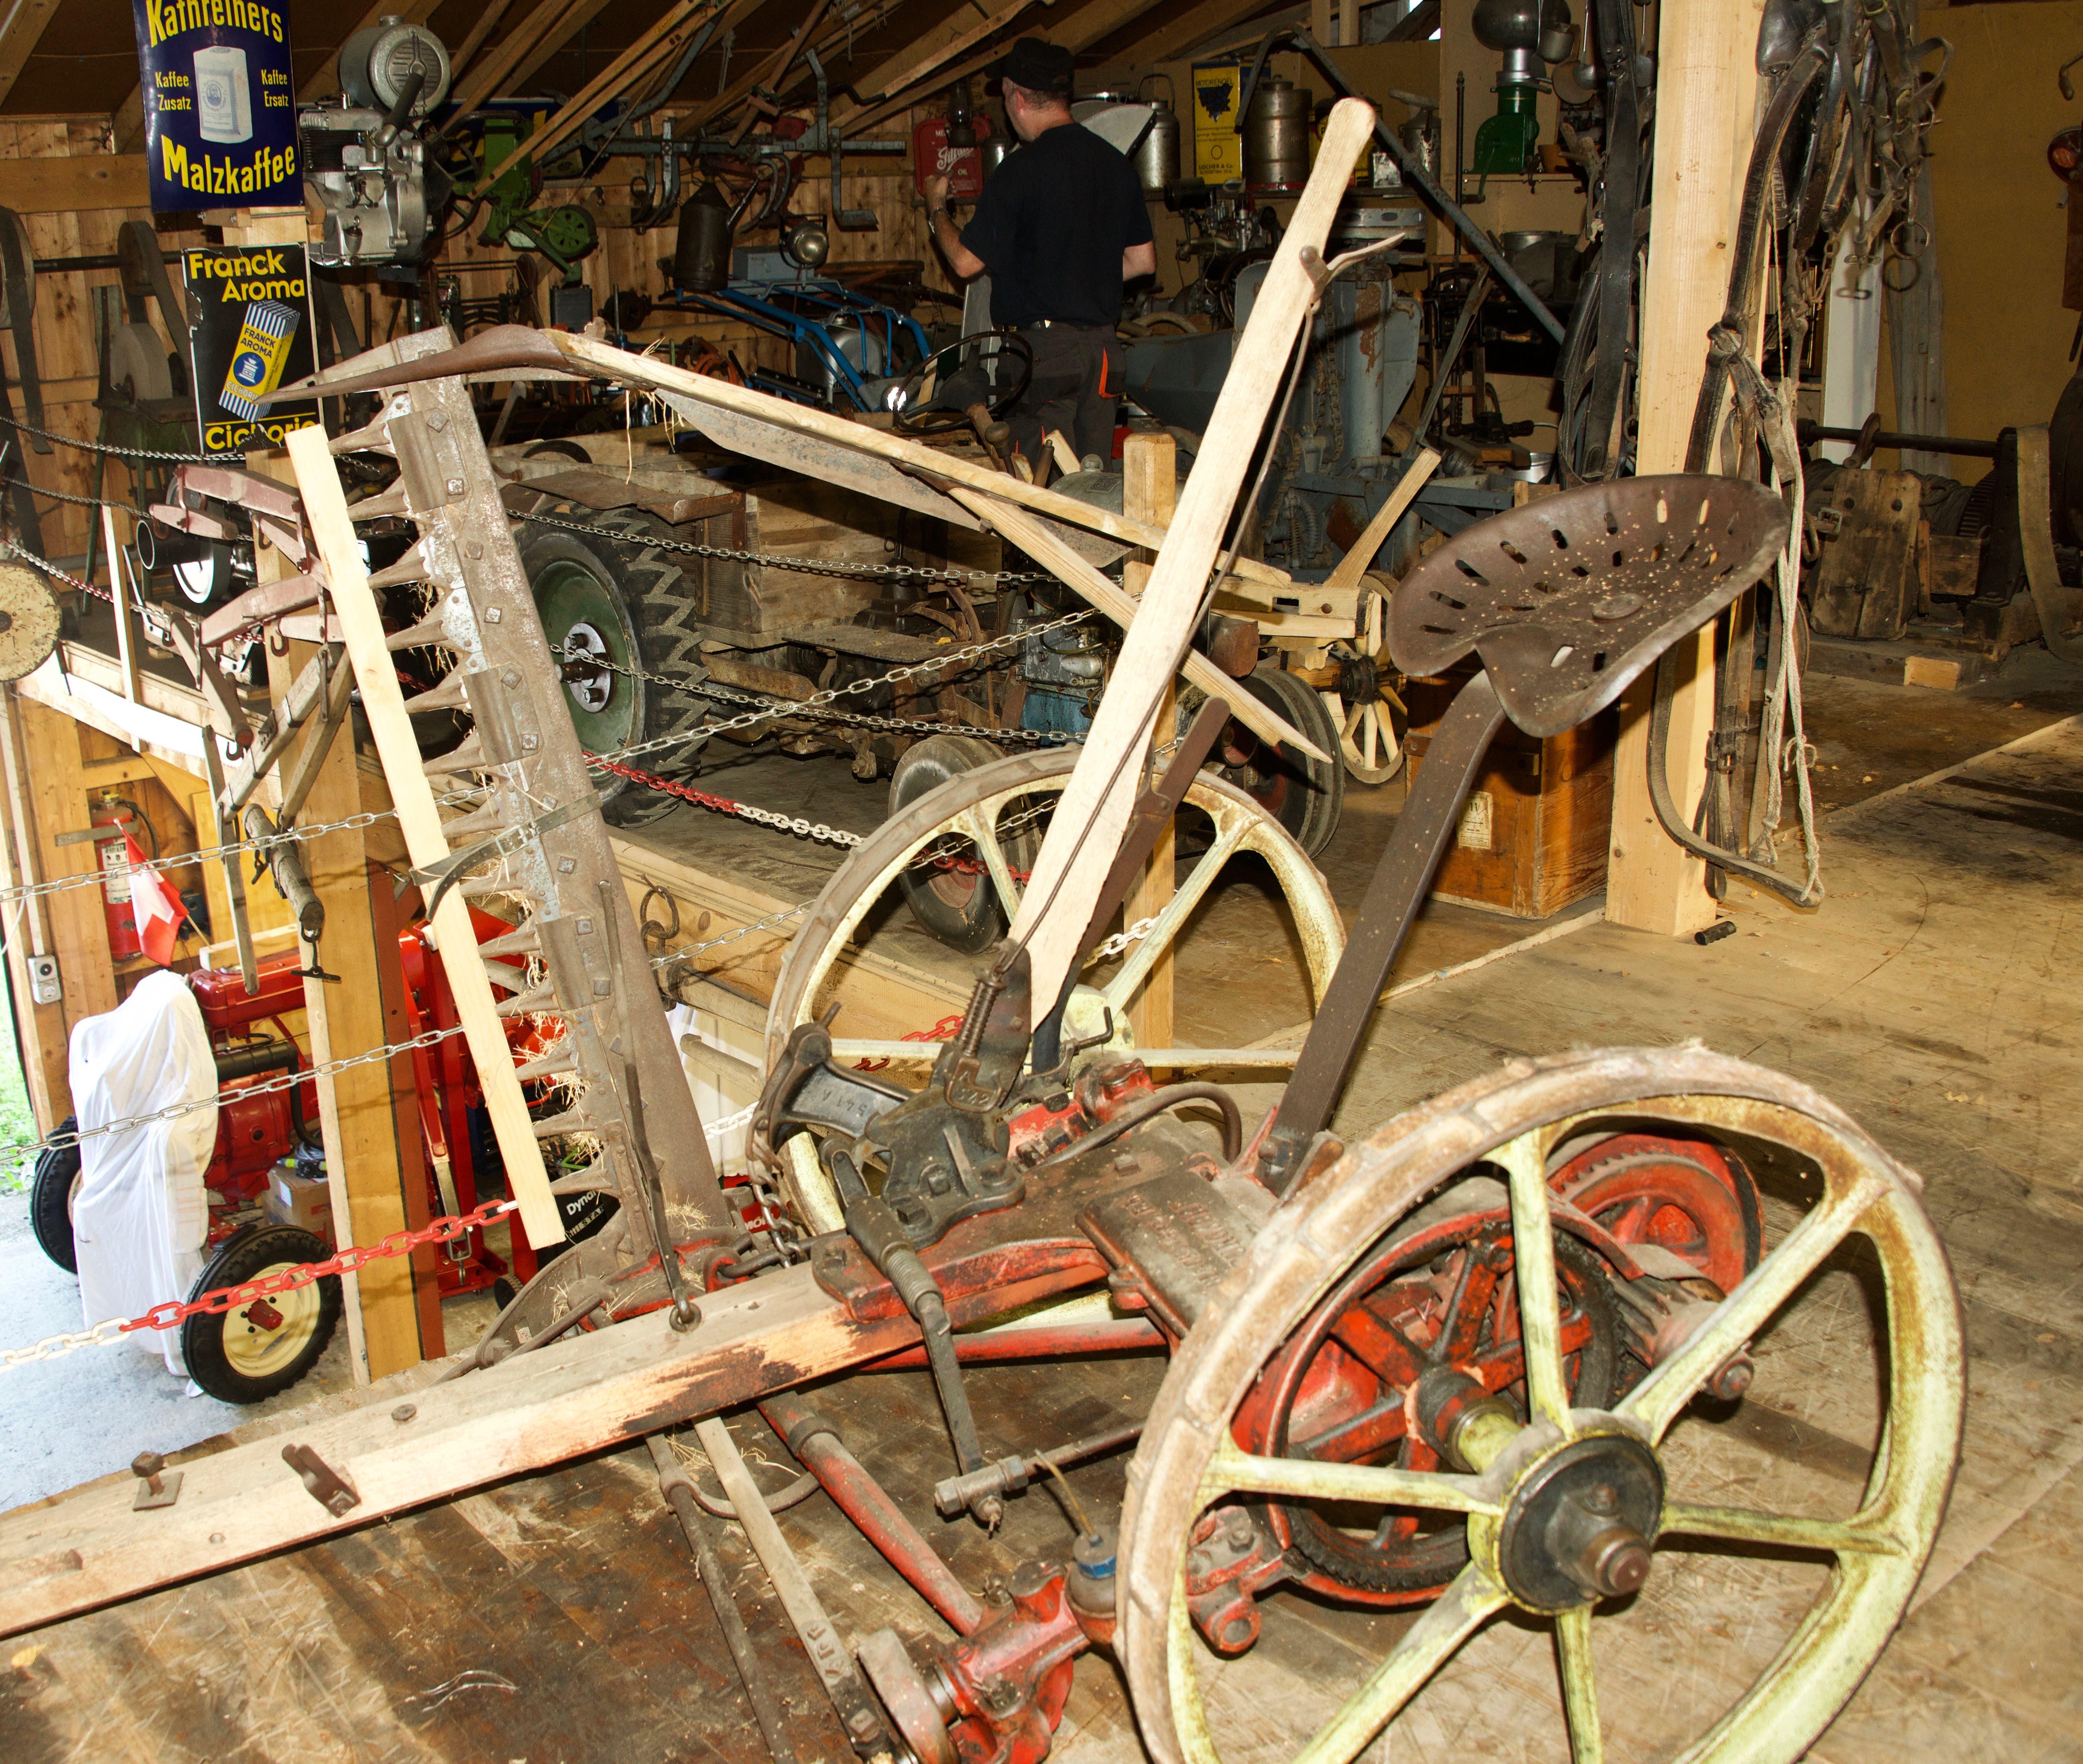 Diese Mähmaschine war ein Vorgänger zum Traktor.